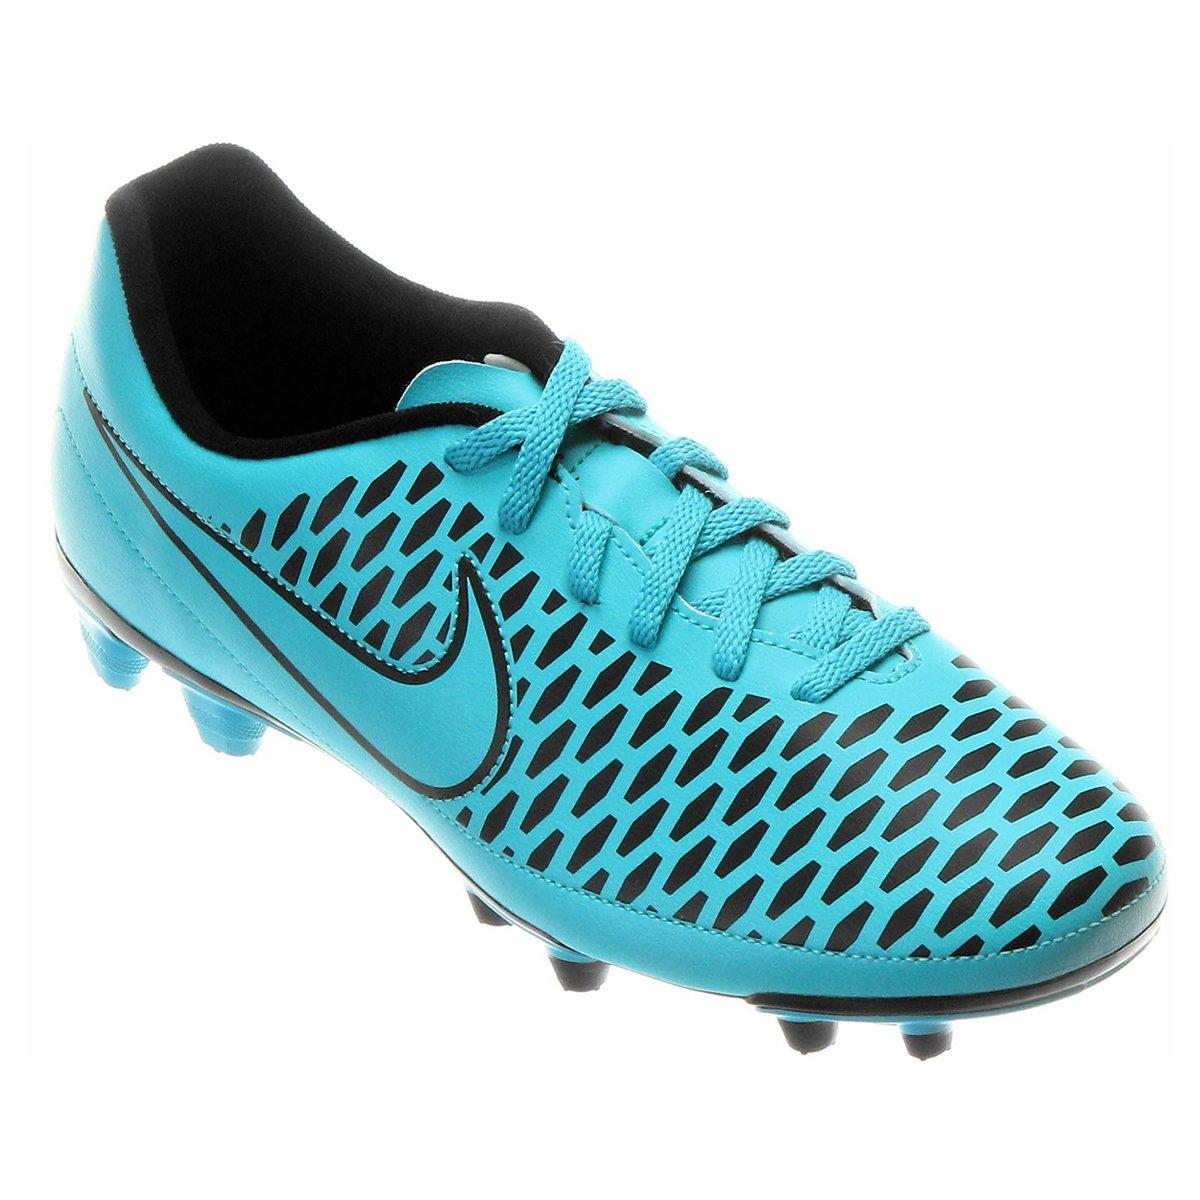 65c4282067 Chuteira Nike Magista Ola FG Campo - Compre Agora